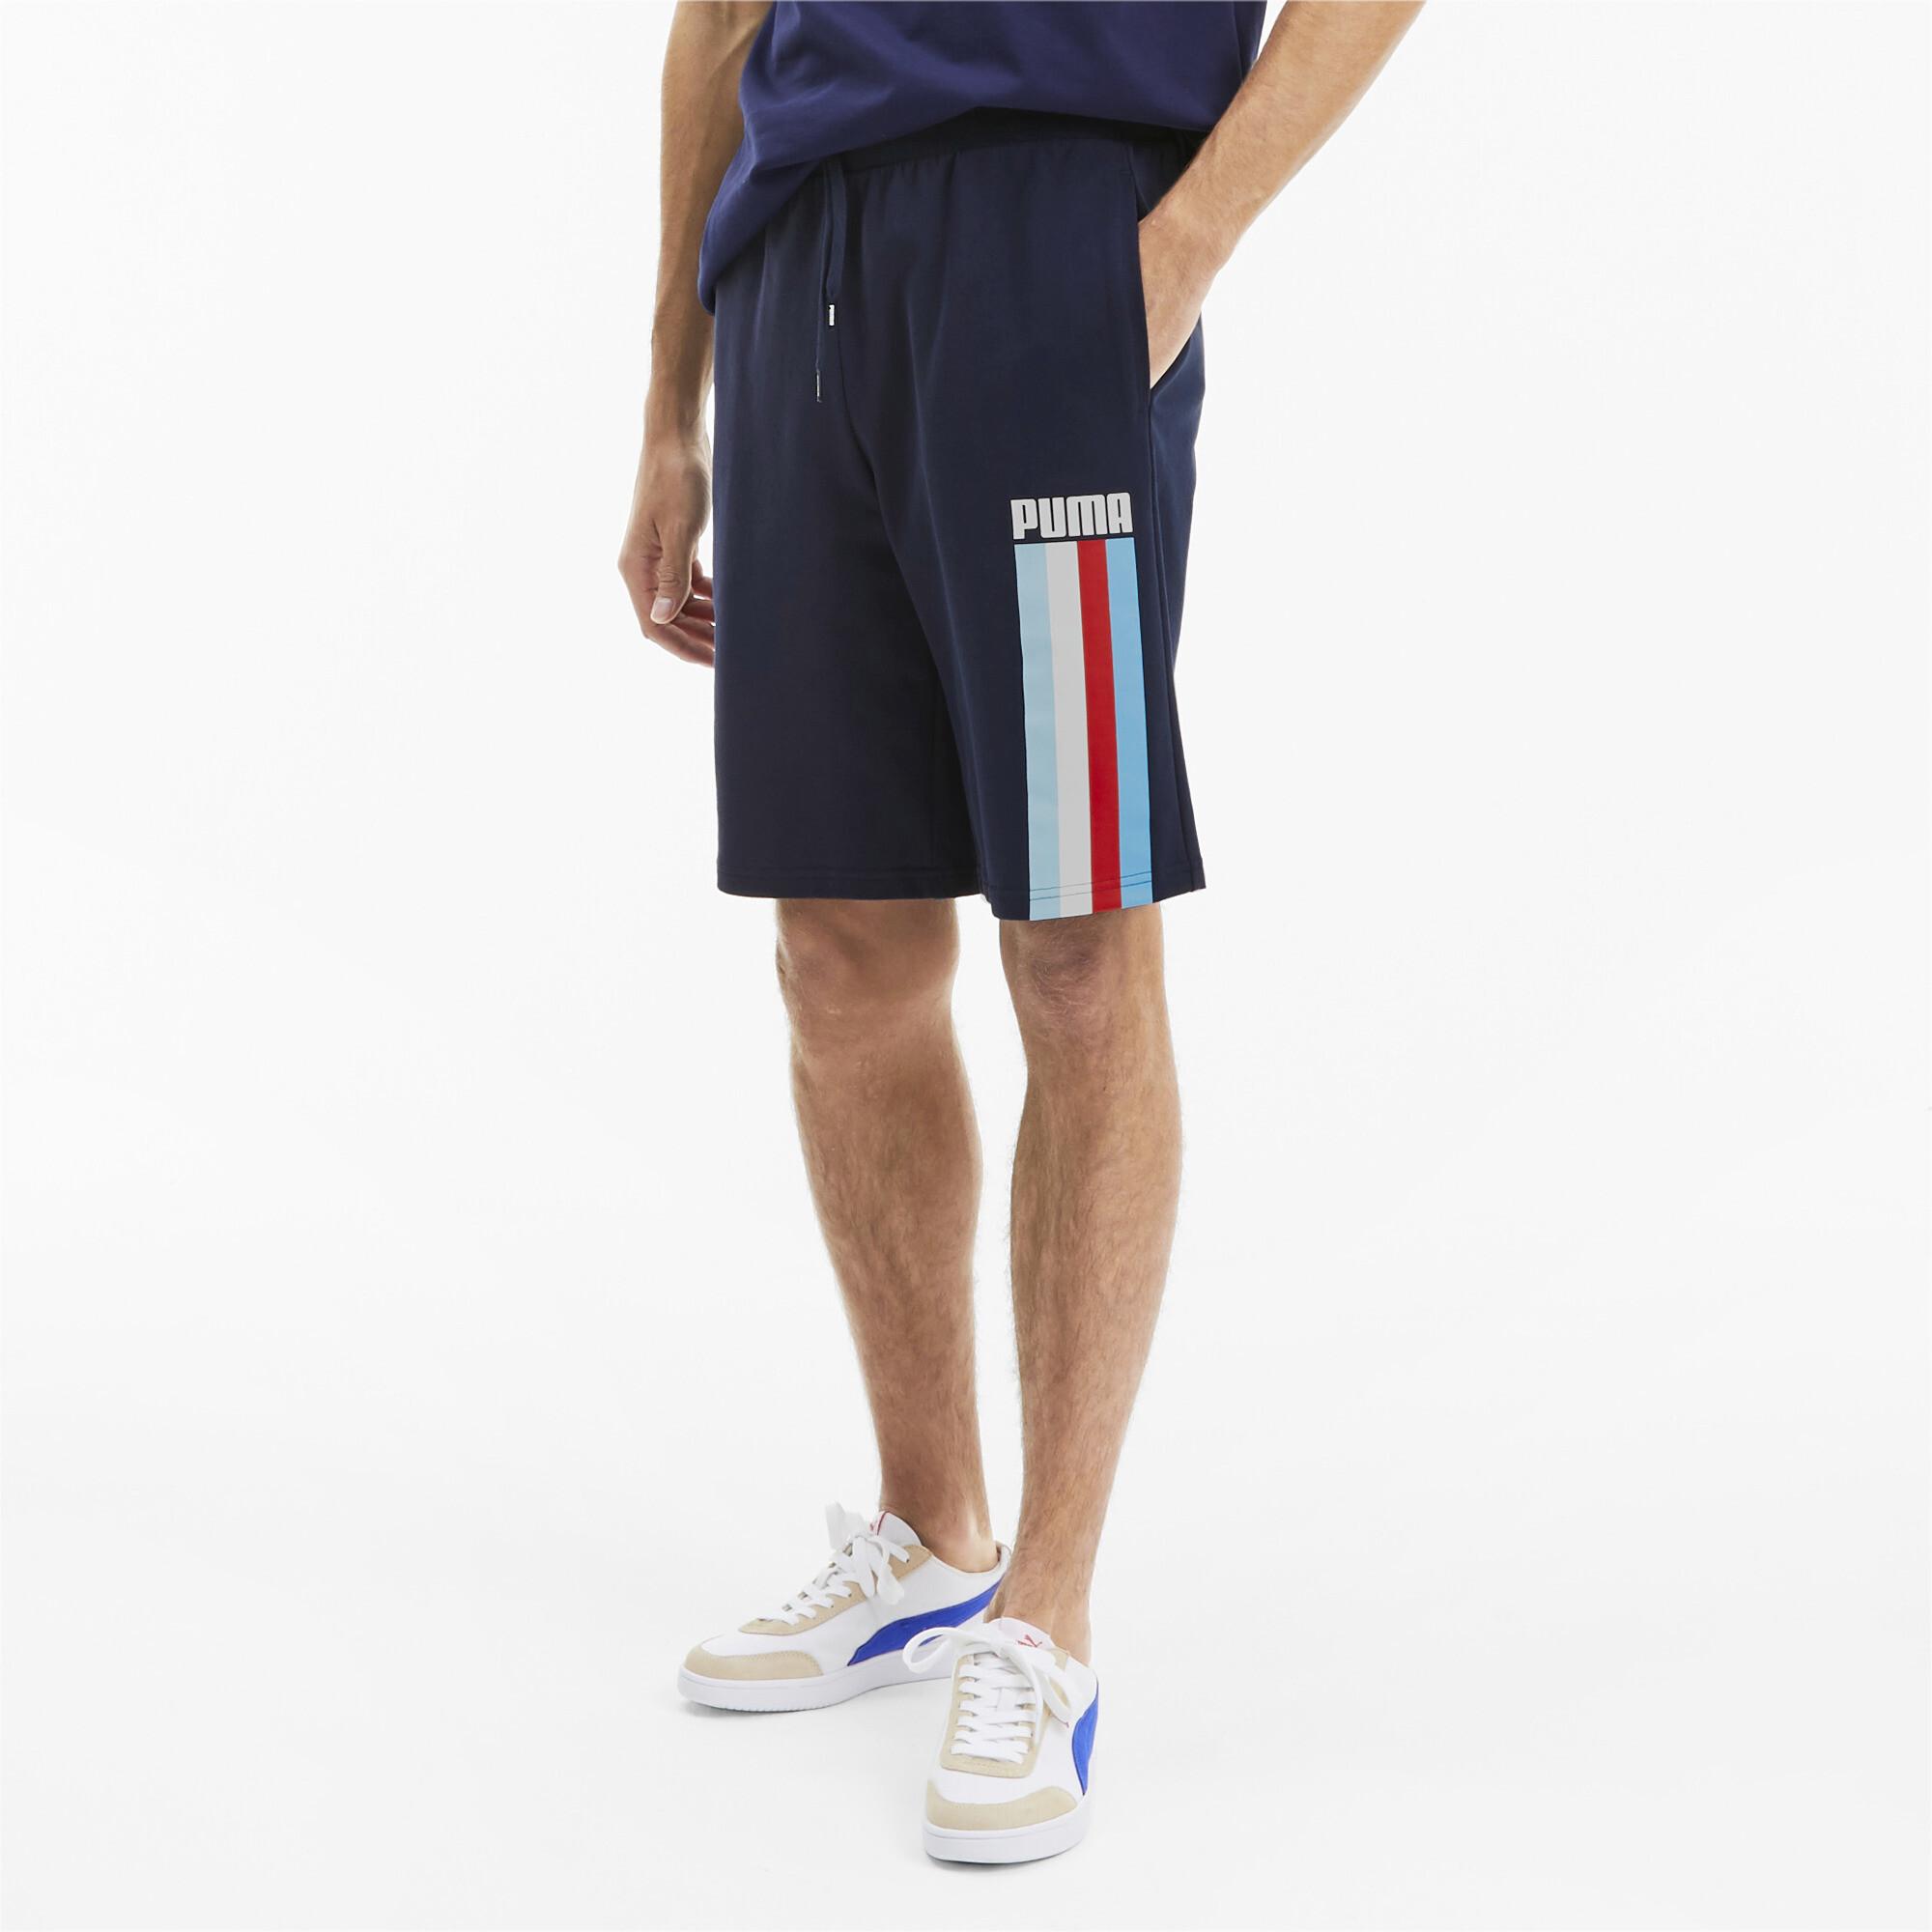 PUMA-Celebration-Men-039-s-Shorts-Men-Knitted-Shorts-Basics thumbnail 9